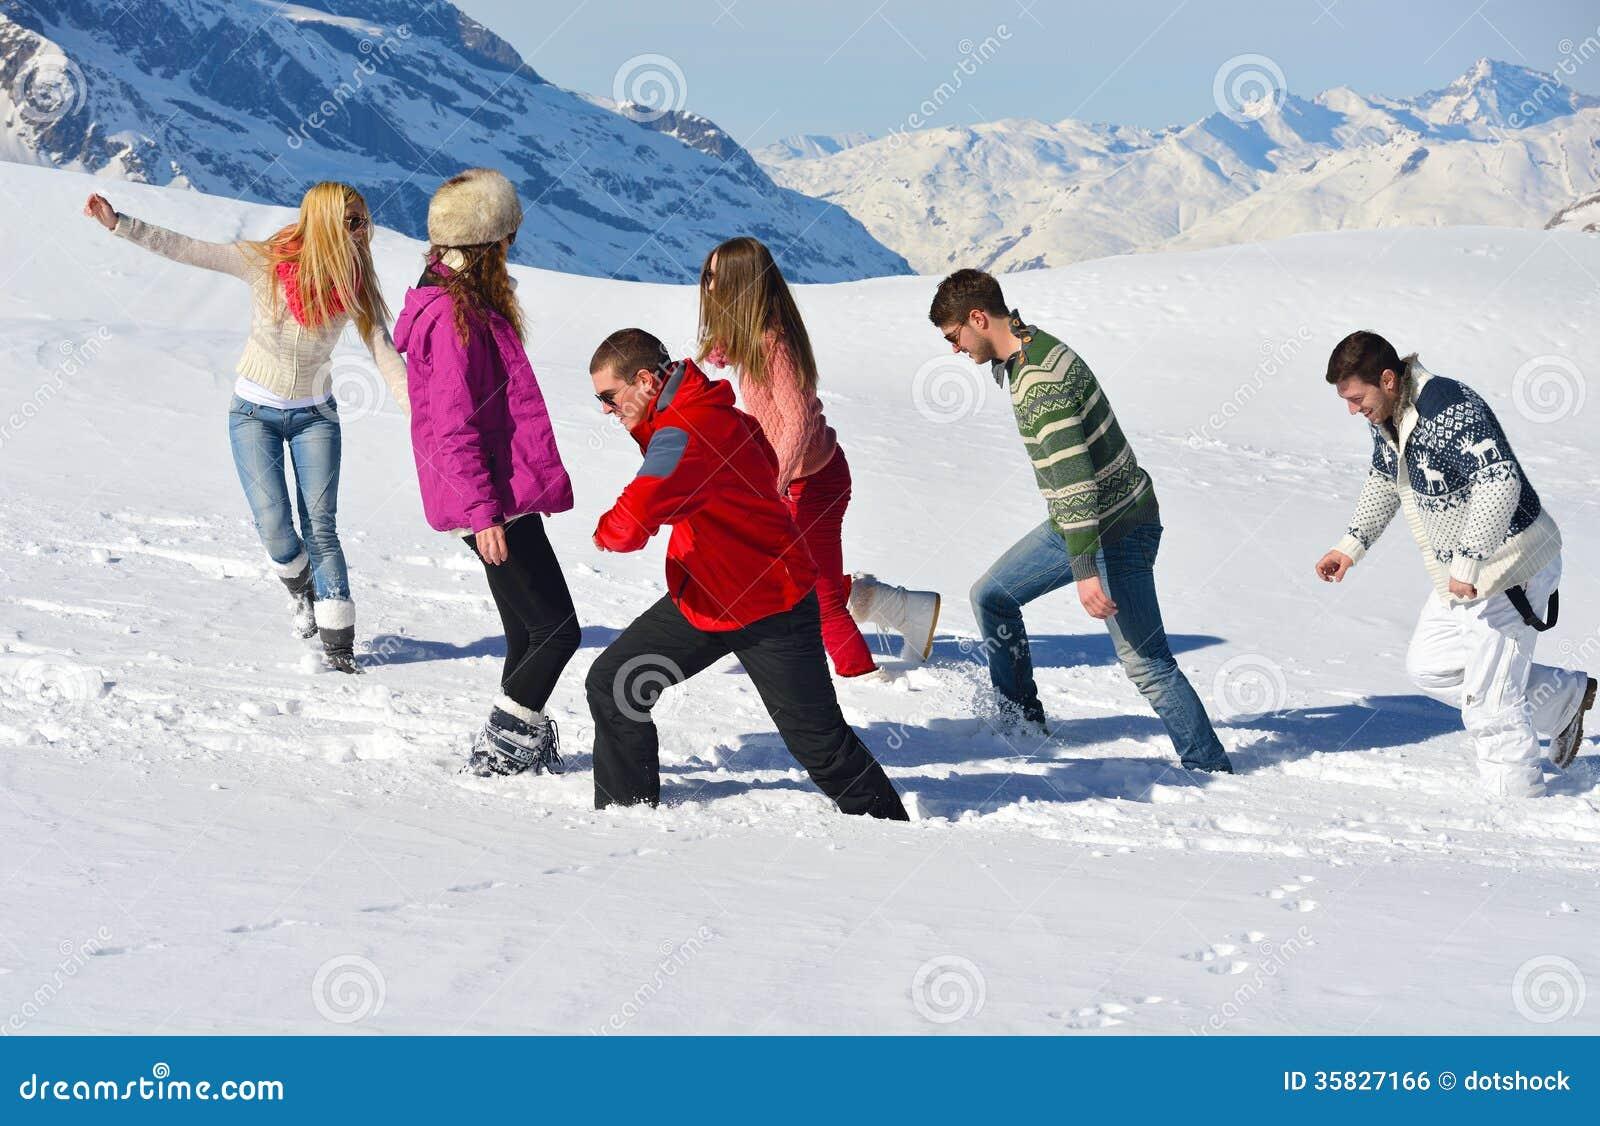 Los amigos se divierten en el invierno en nieve fresca